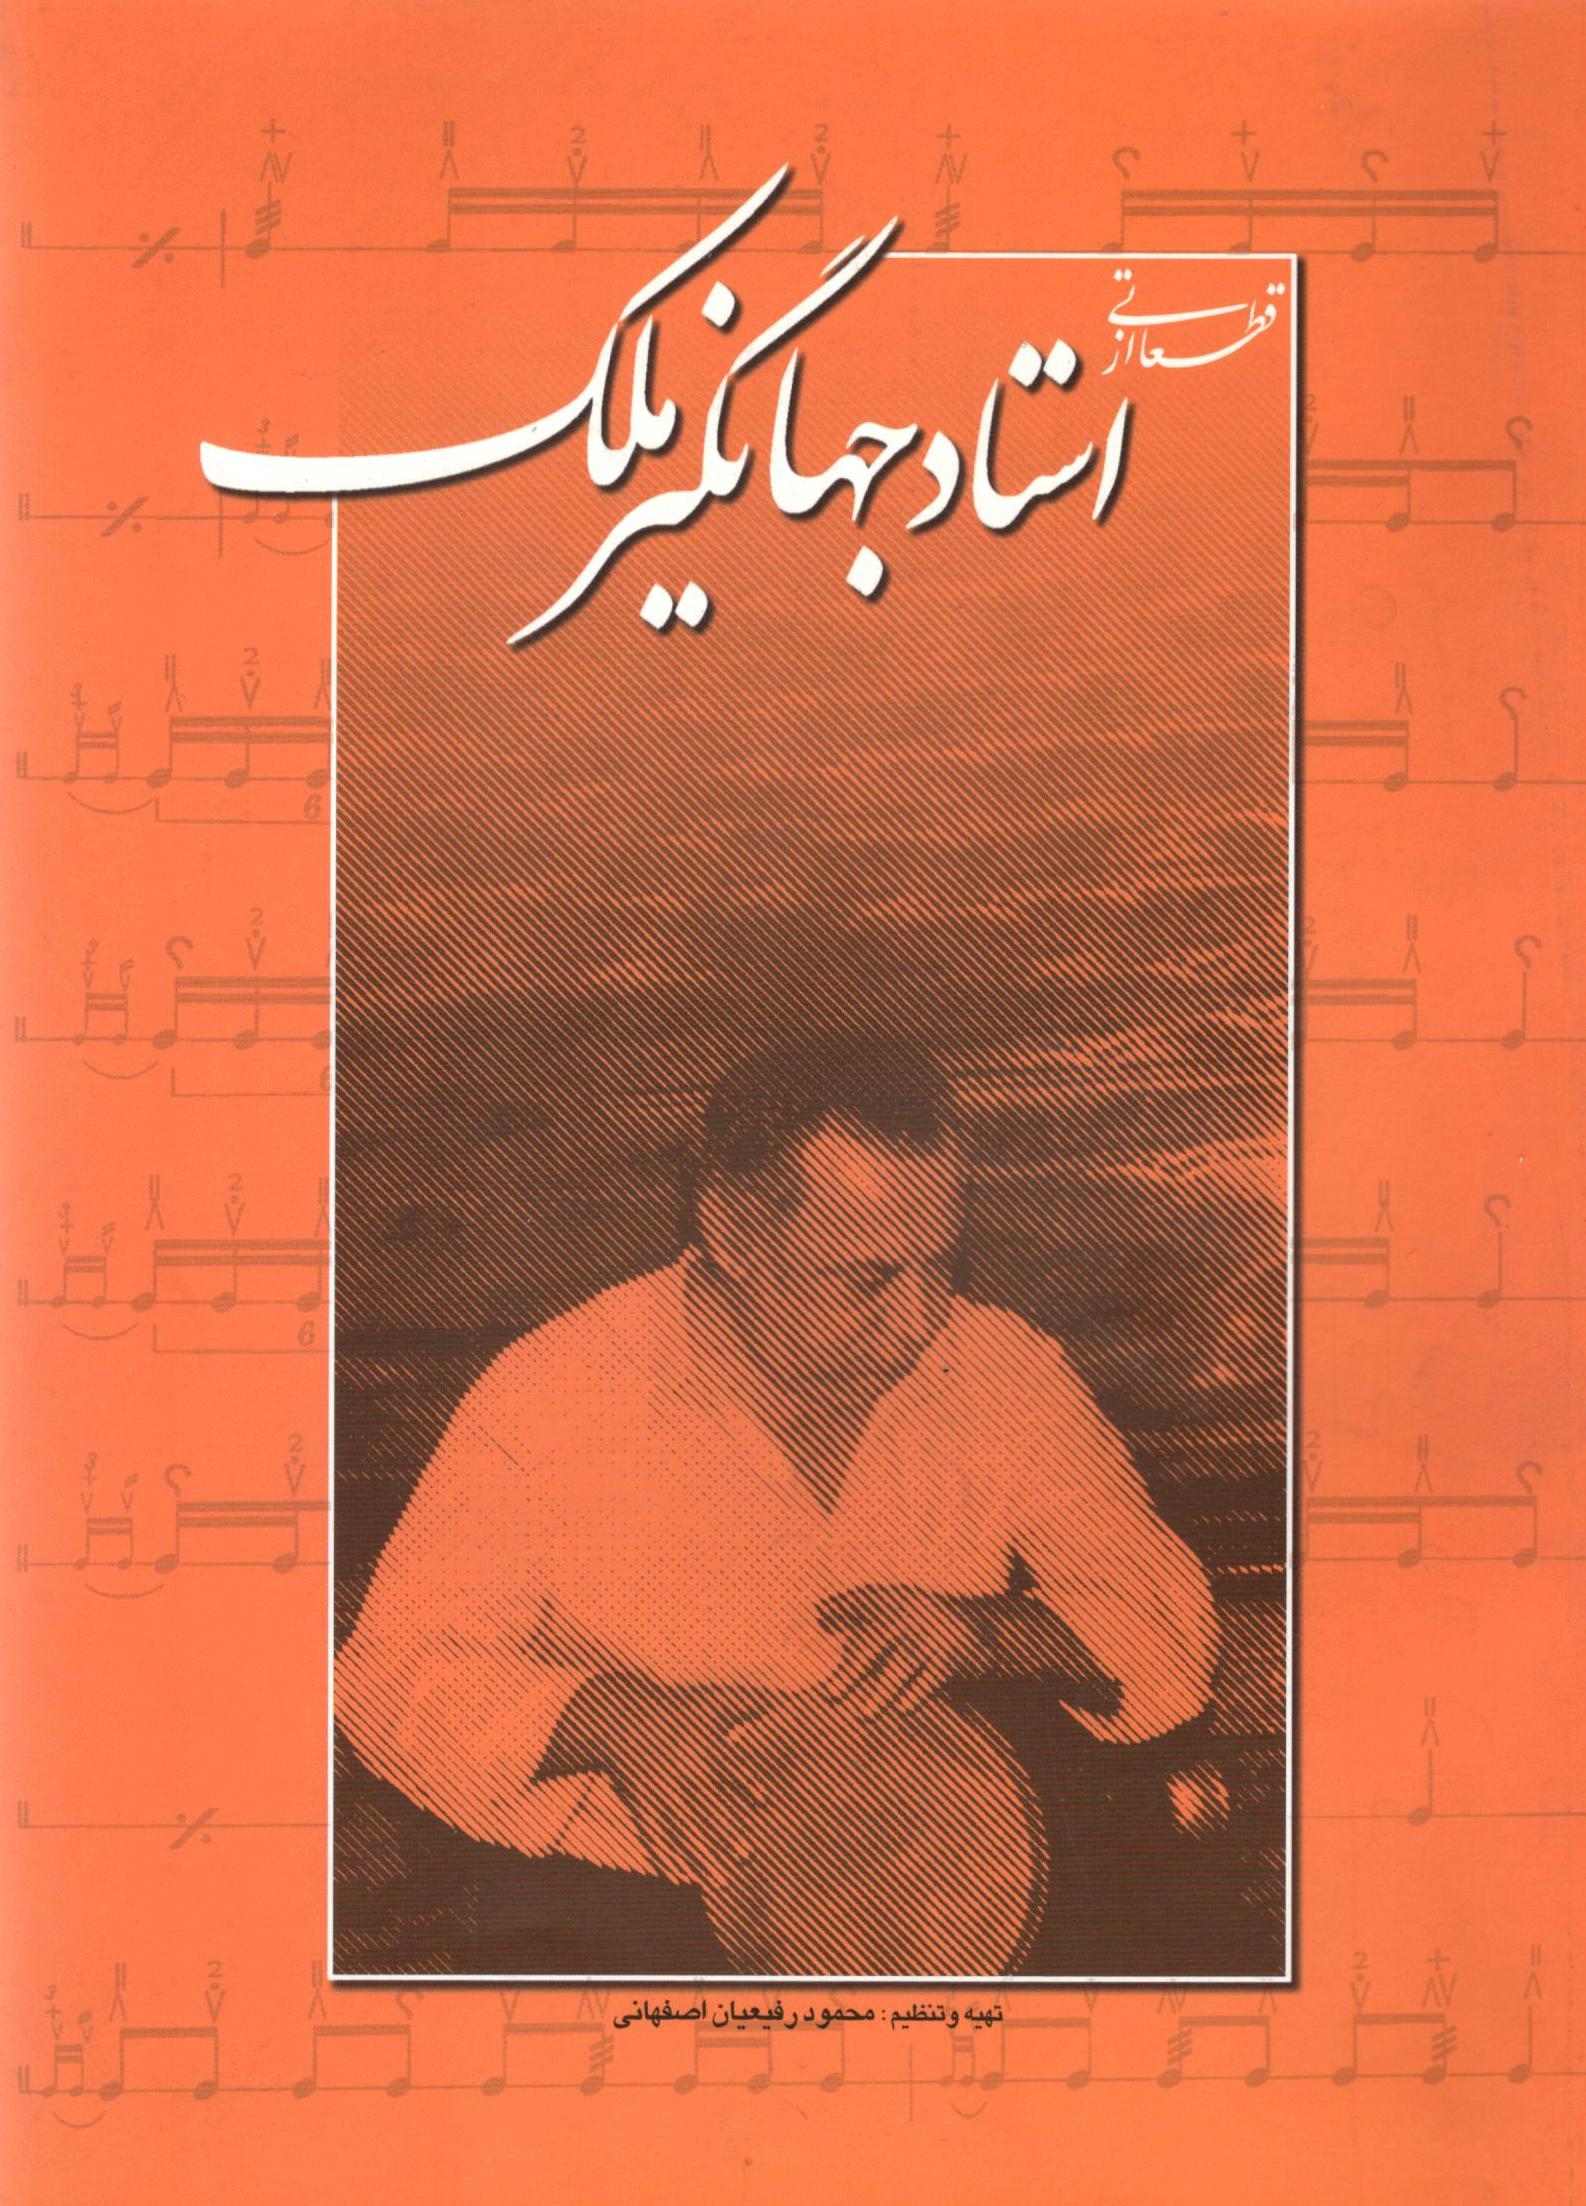 قطعاتی از استاد جهانگیرملک محمود رفیعیان اصفهانی